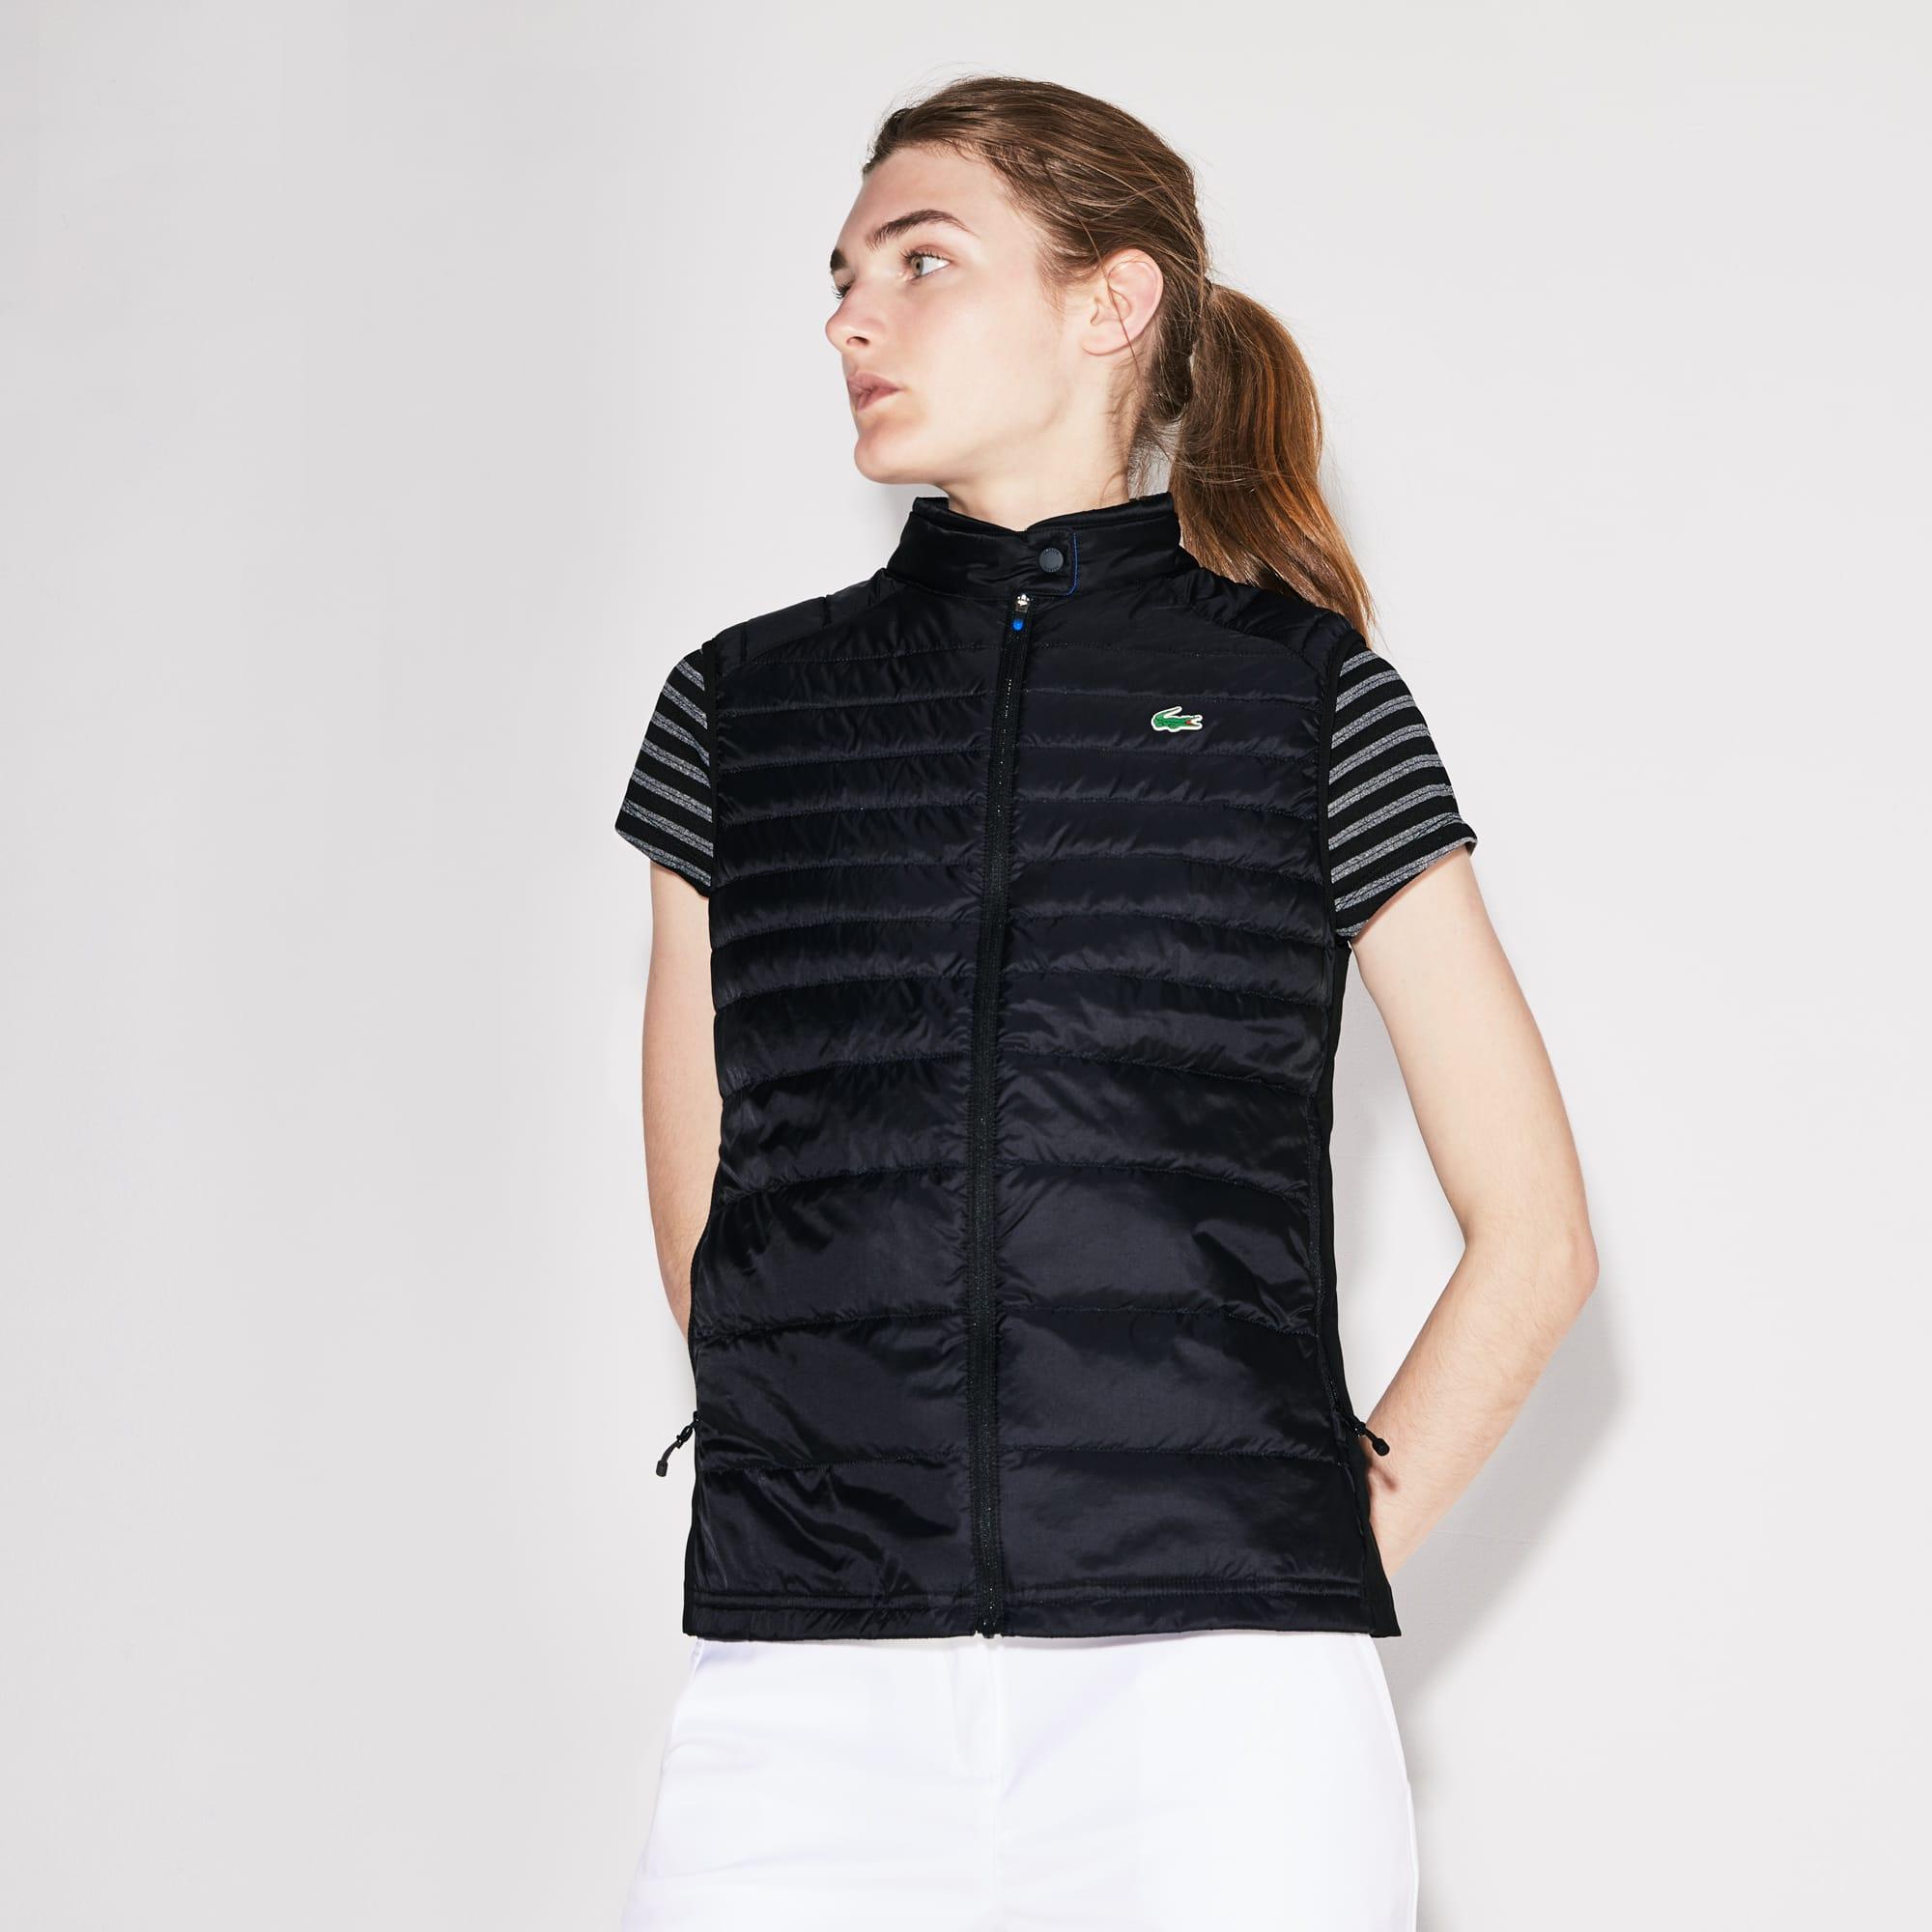 Blusão técnico sem mangas Golf Lacoste SPORT impermeável